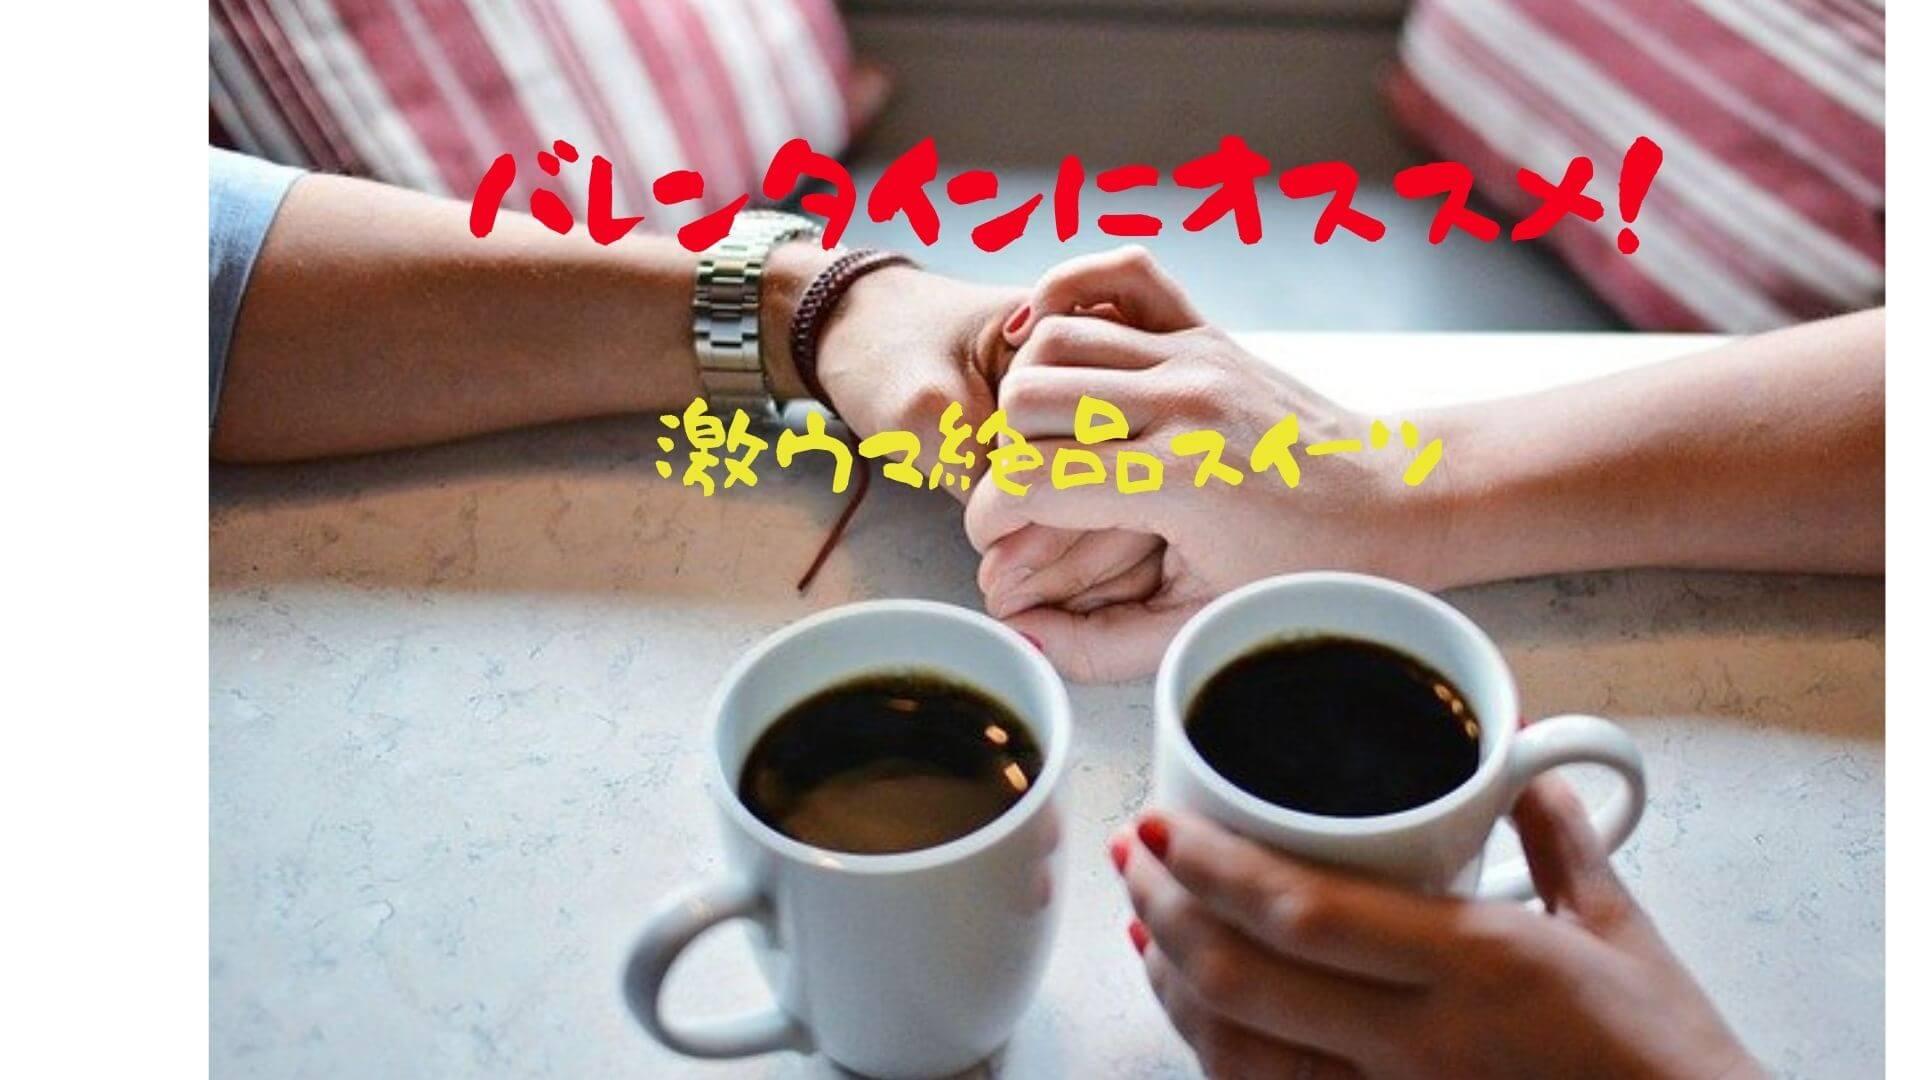 つないだ手とコーヒーの入った2つのマグカップ